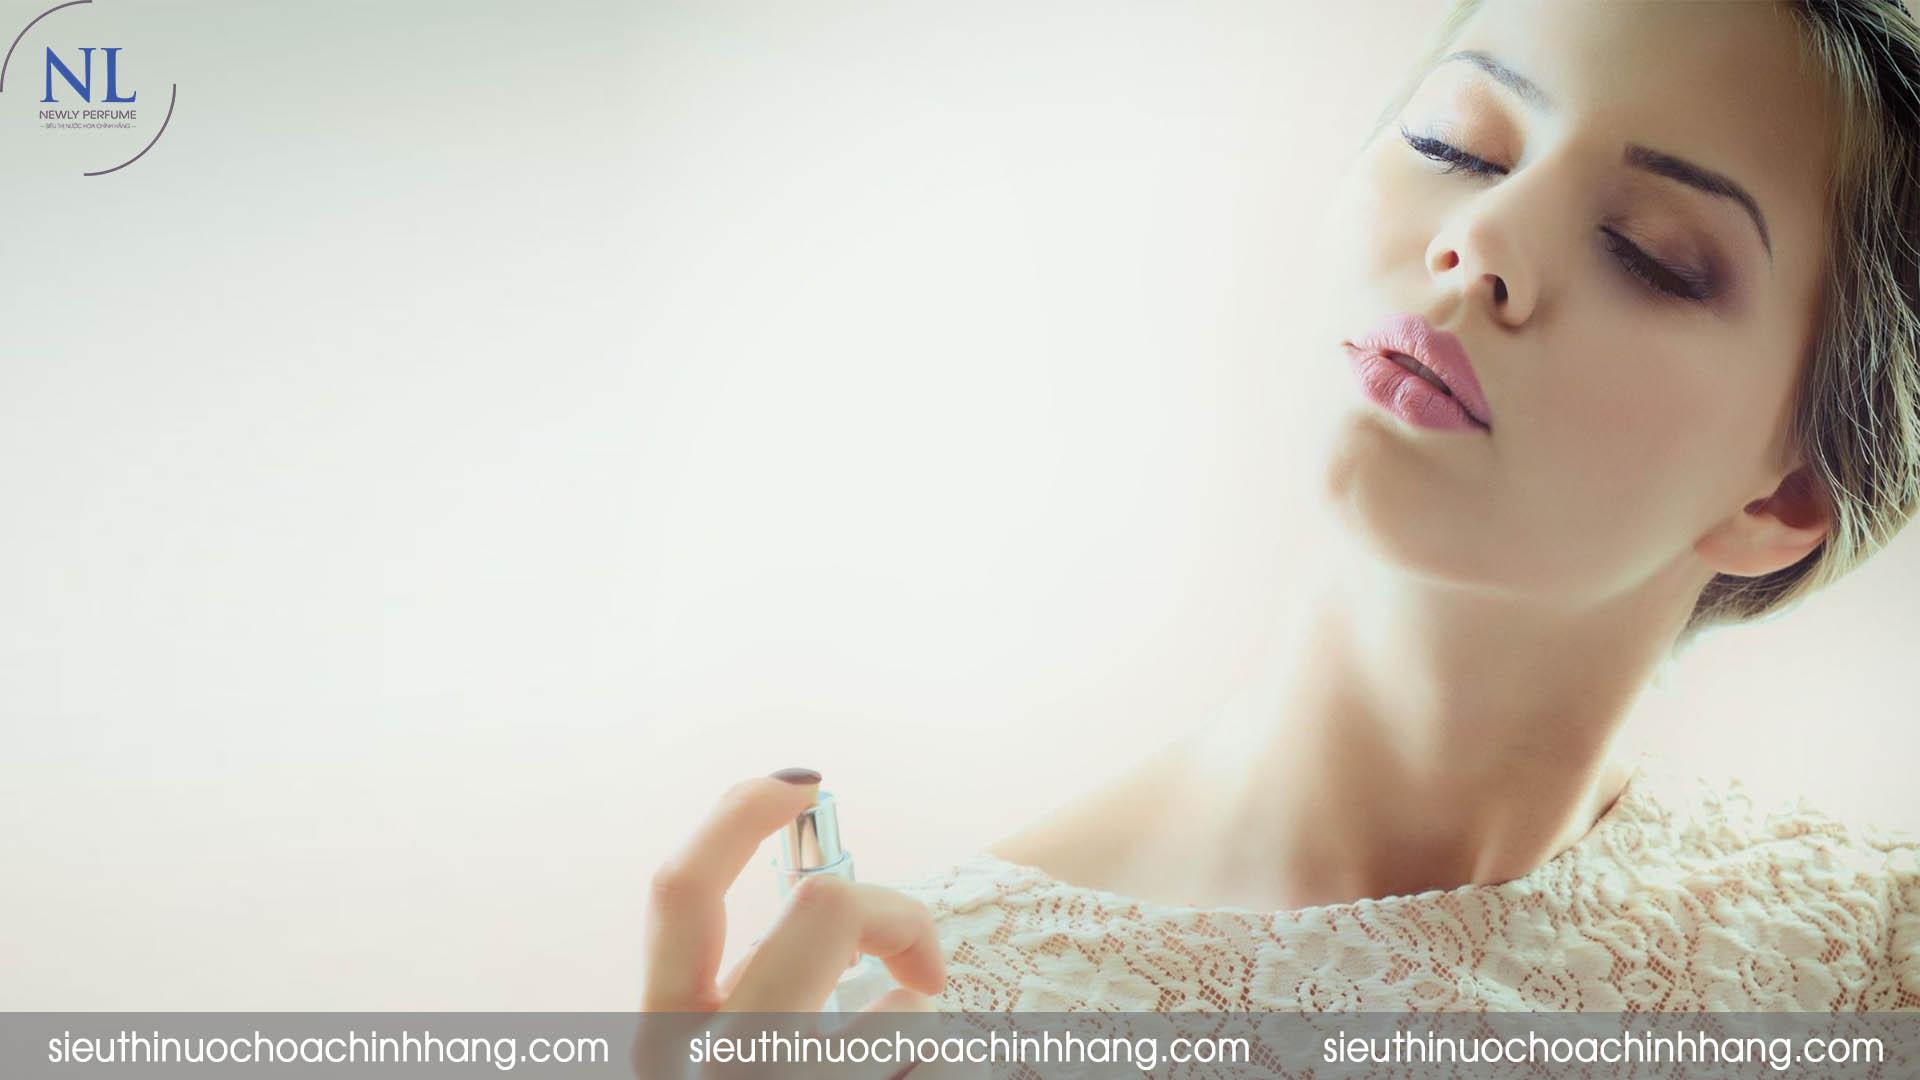 cách sử dụng nước hoa charme